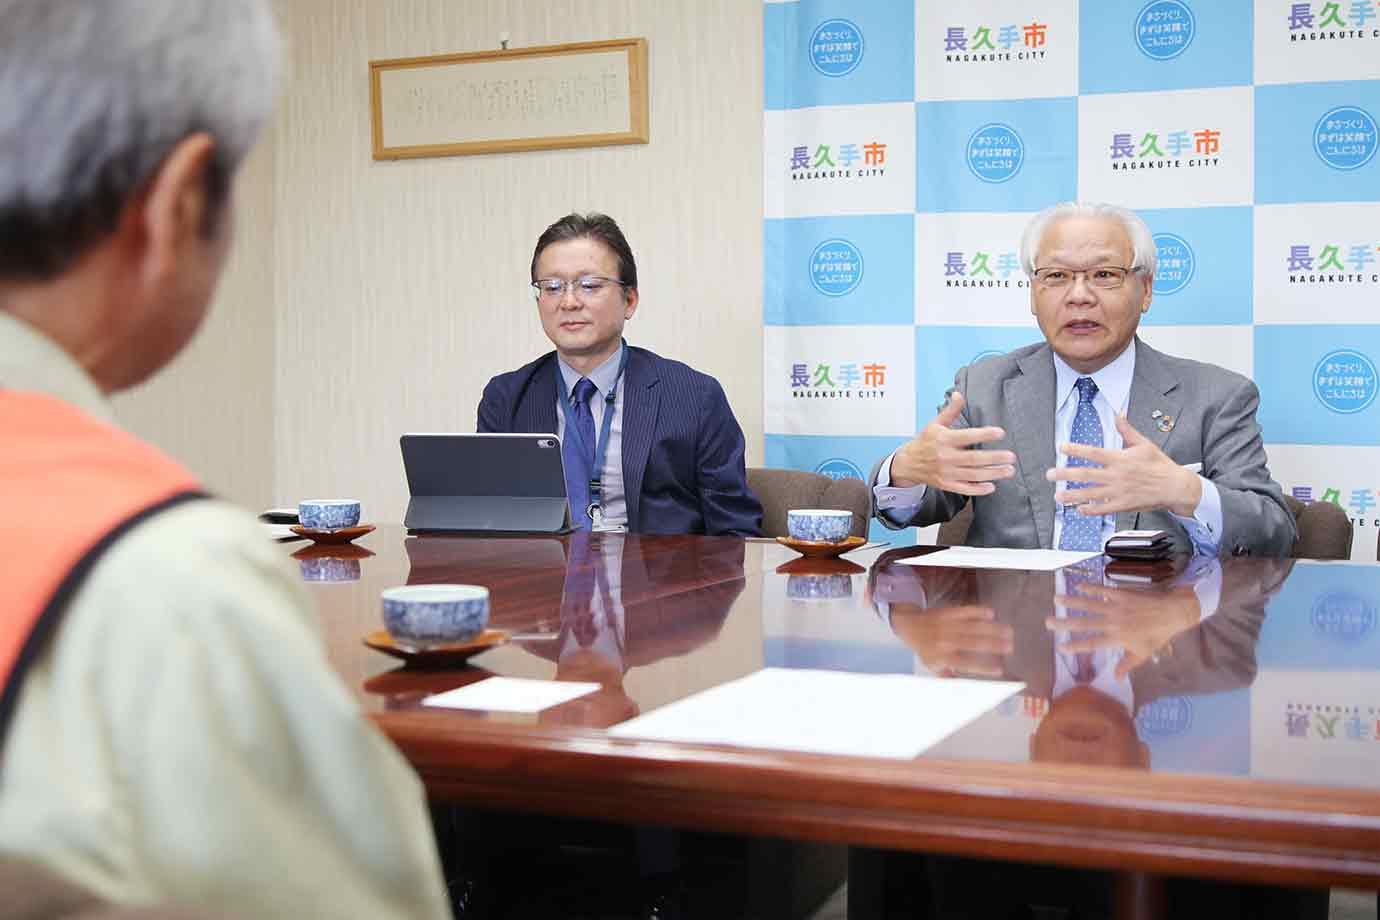 人と人がつながる新しいプラットフォームをつくることで、地域社会に貢献したいと語る増田副社長